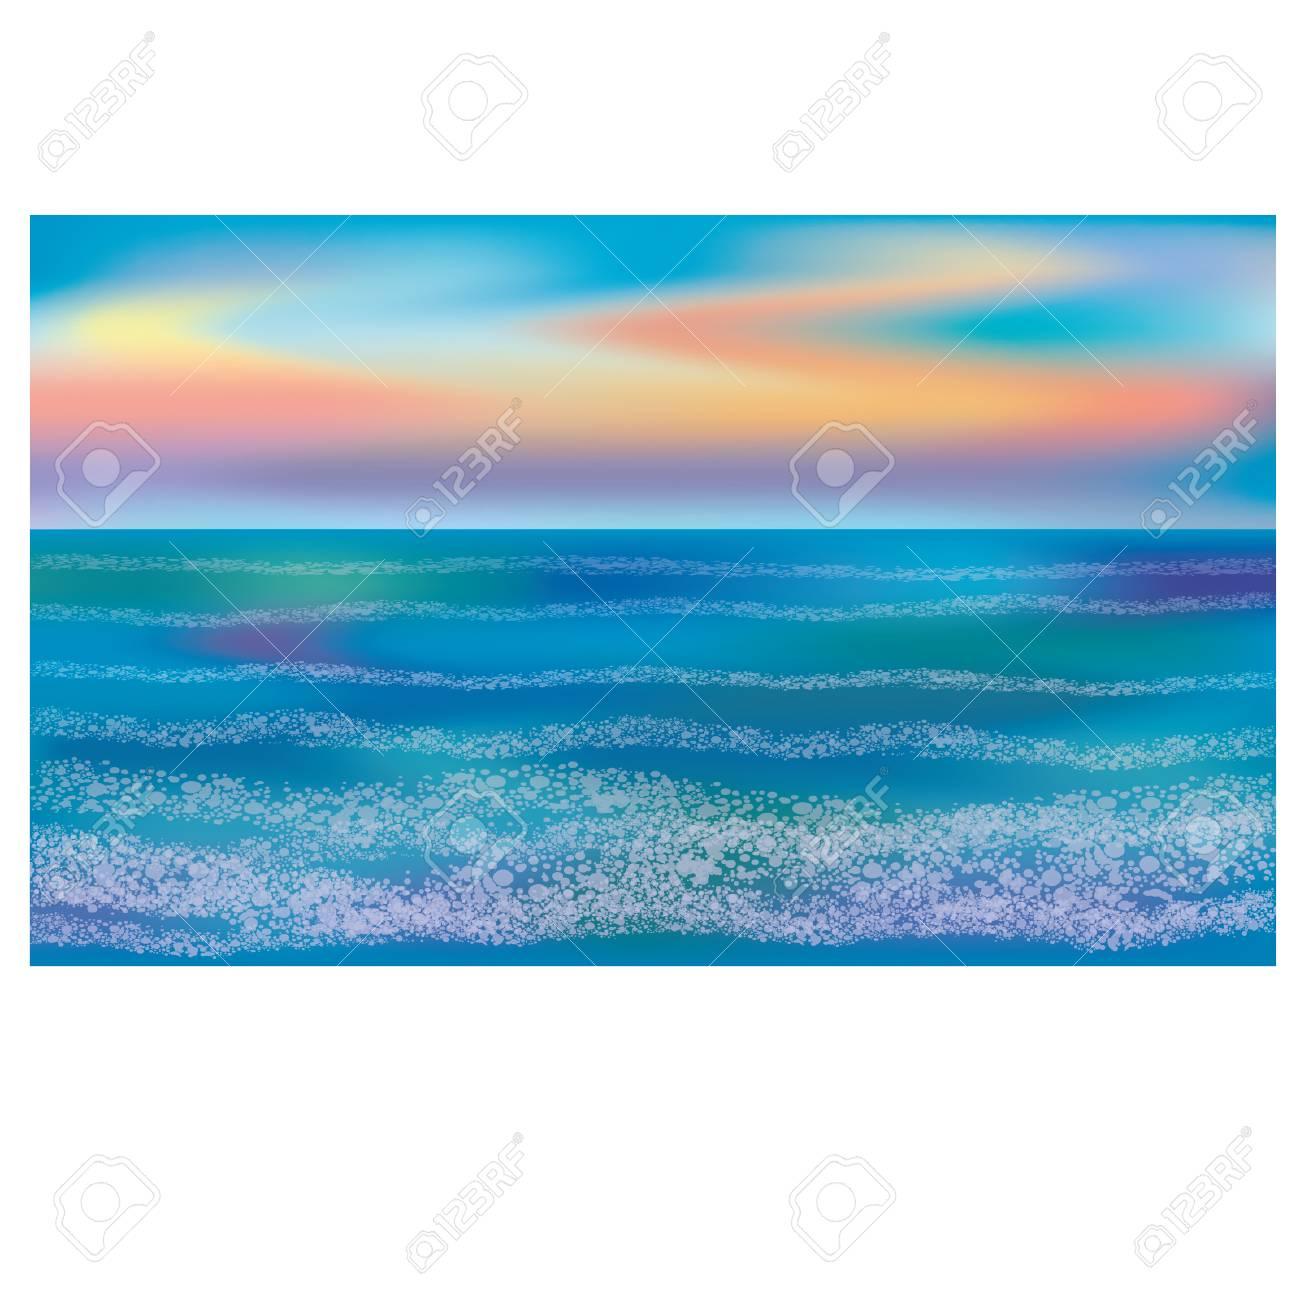 海の壁紙 ベクター画像のイラスト素材 ベクタ Image 74408536